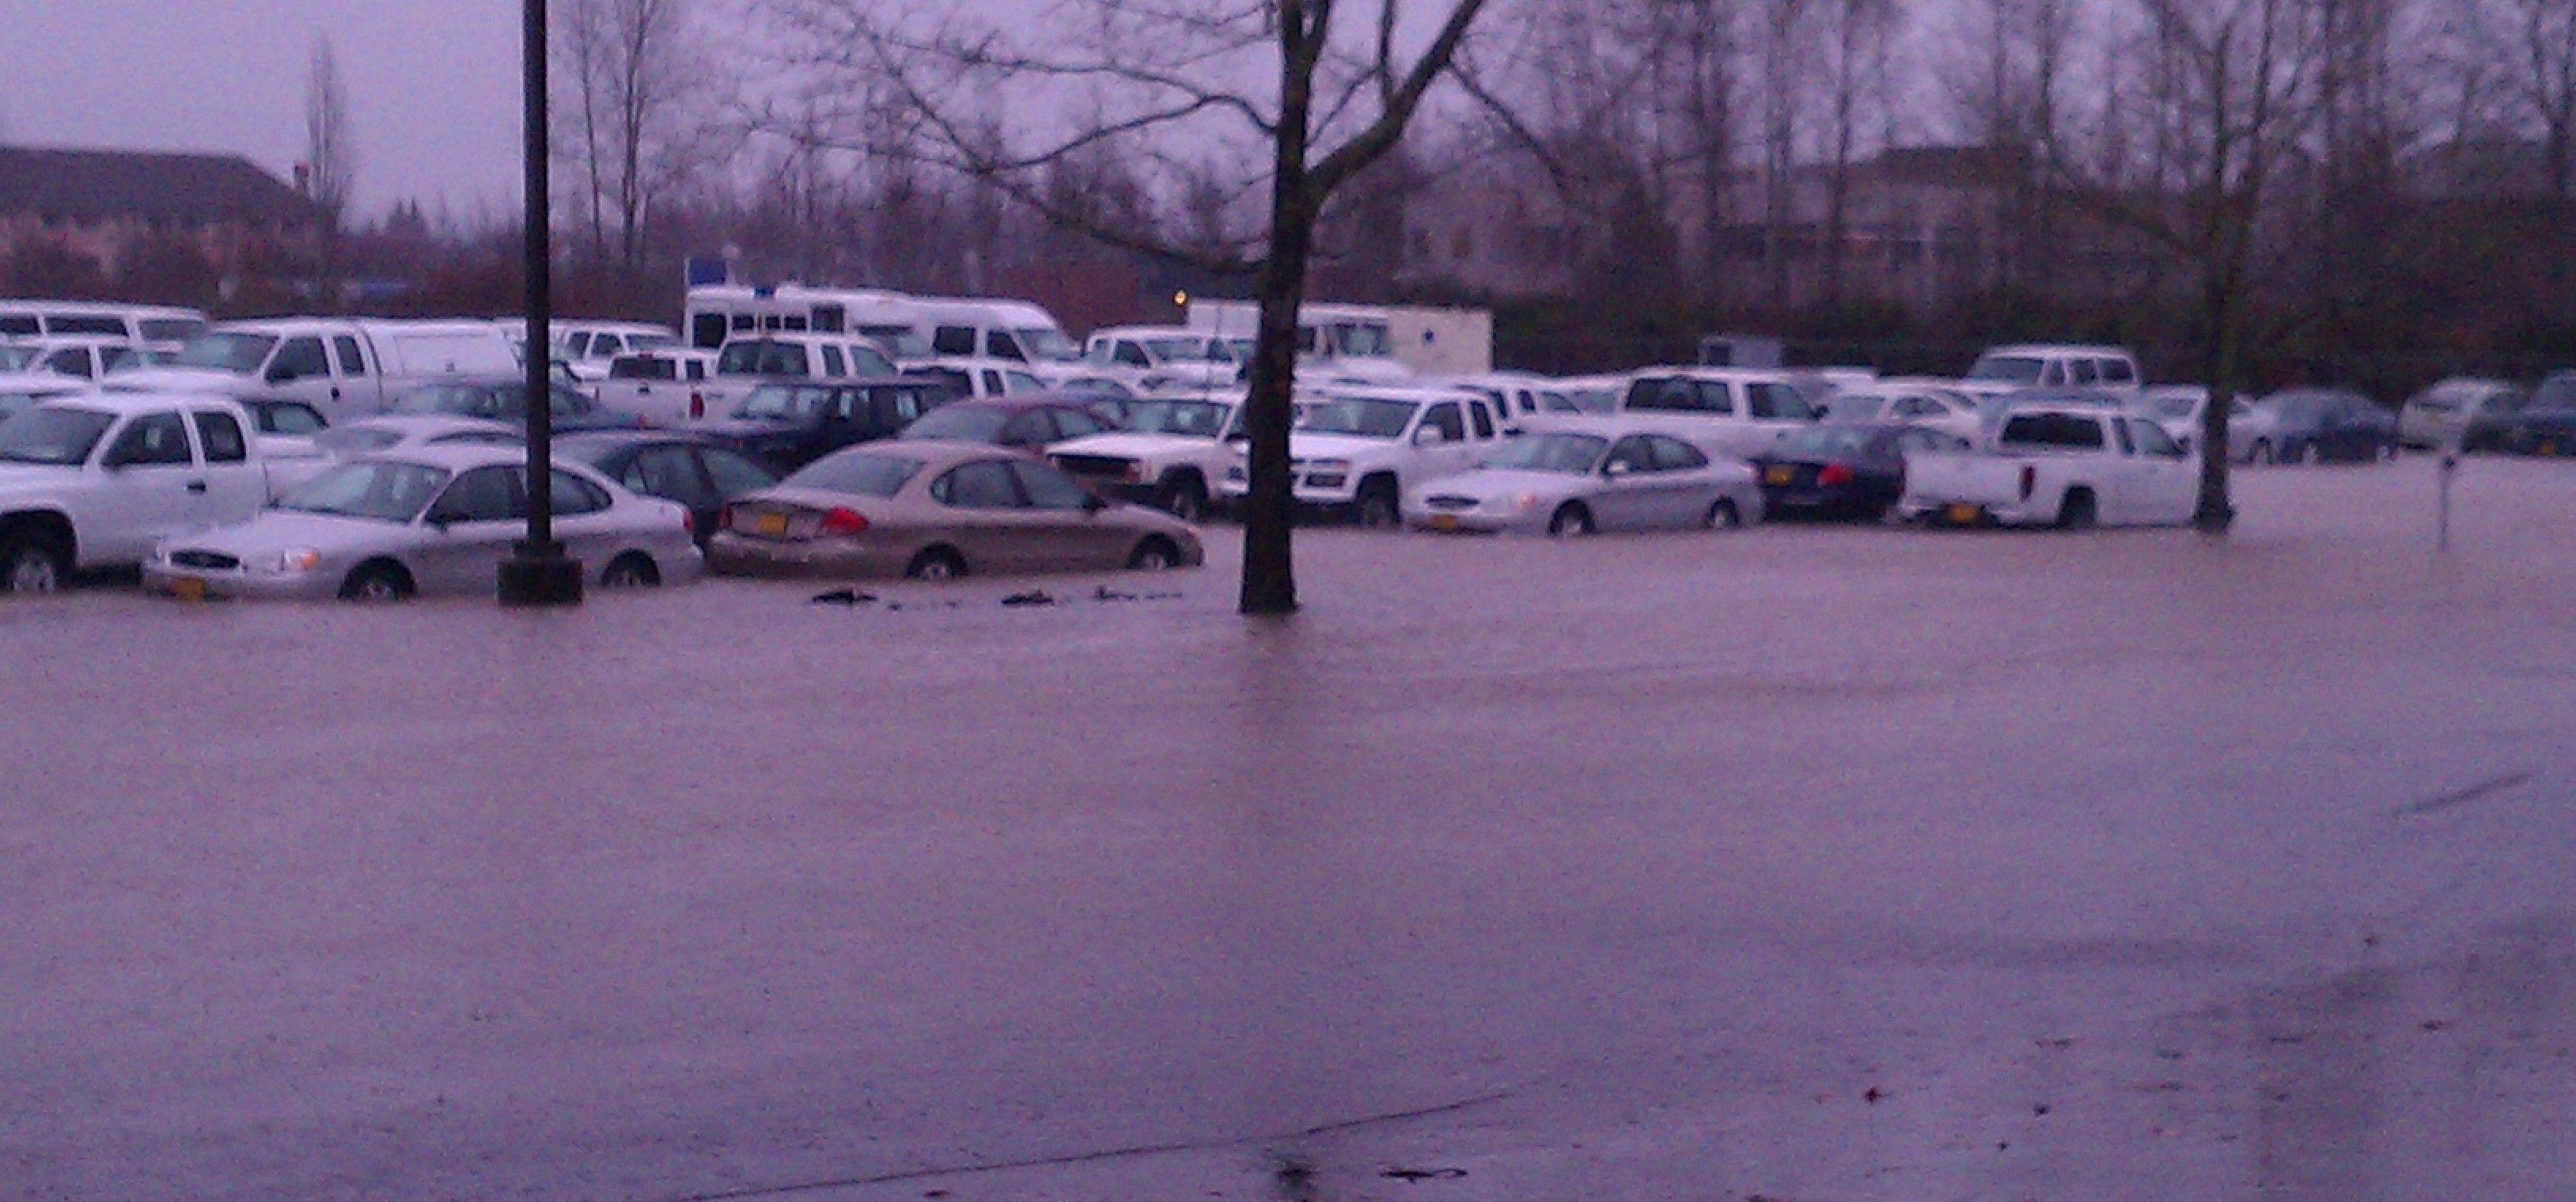 Oregon Focuses on Vehicle Evacuation Following January Flood